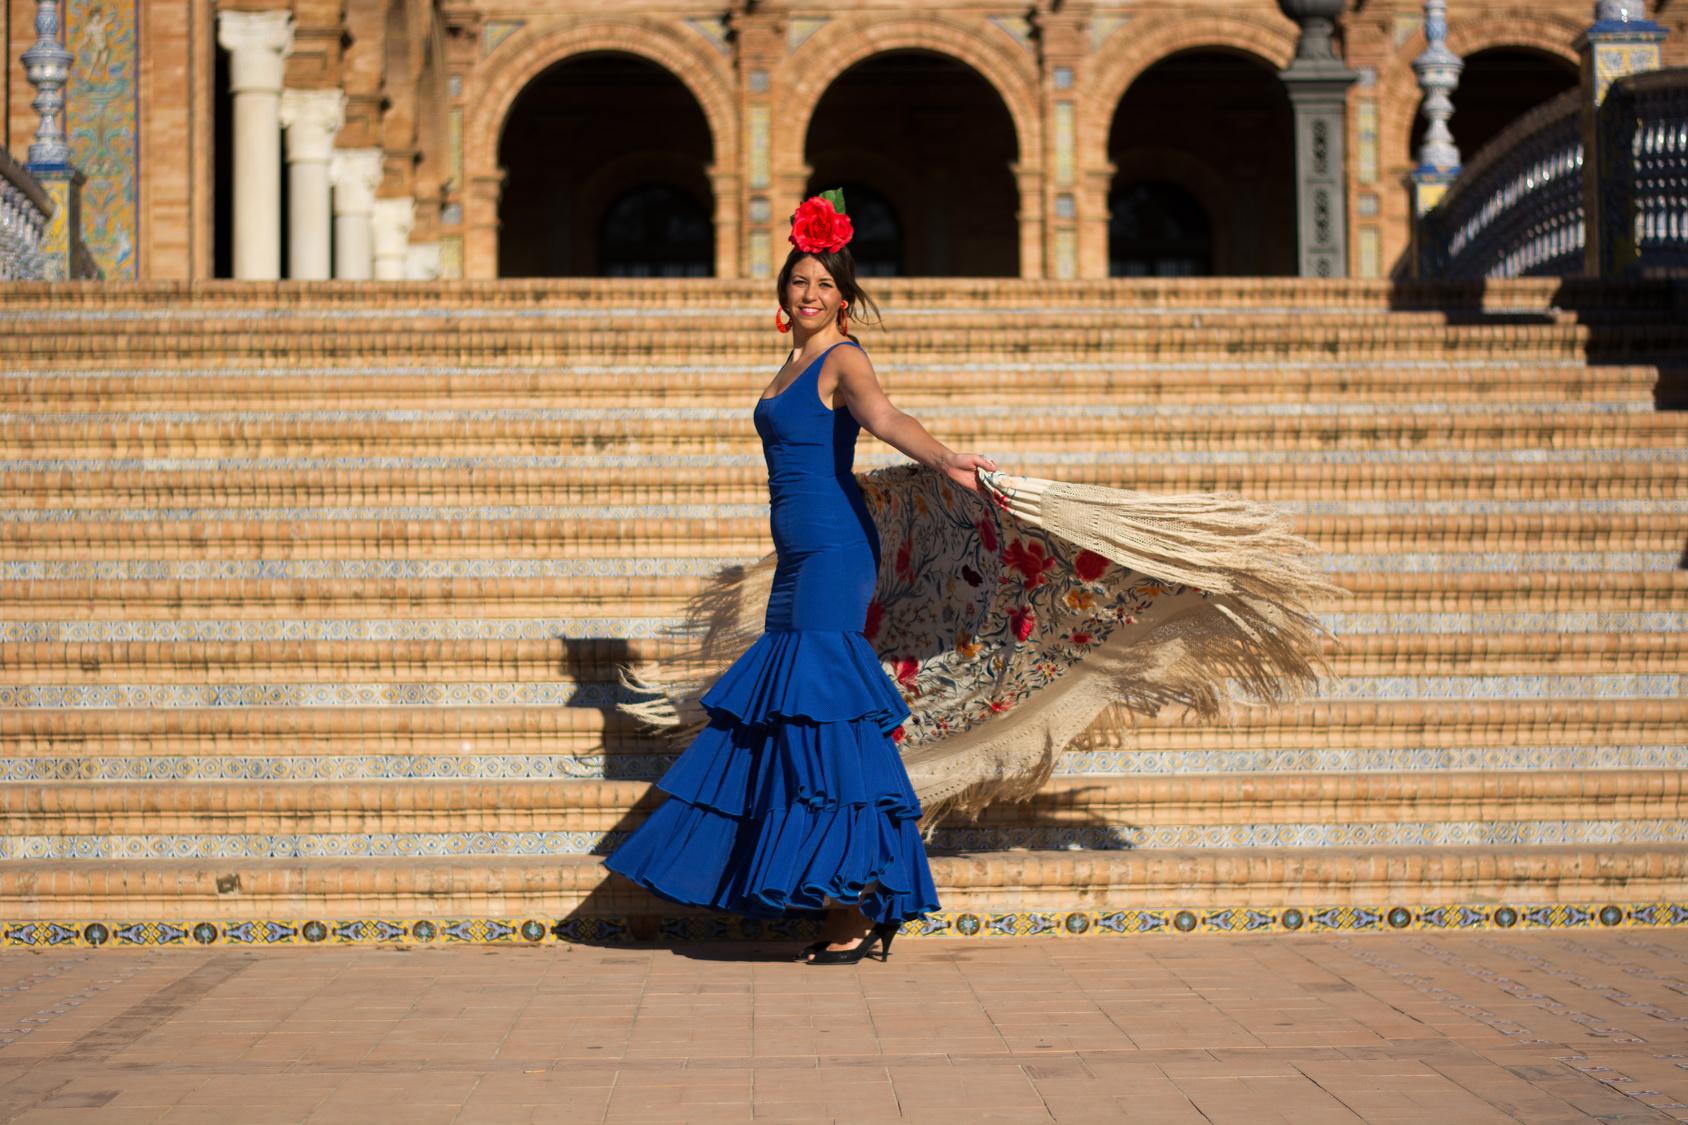 Seville reine de l'andalousie